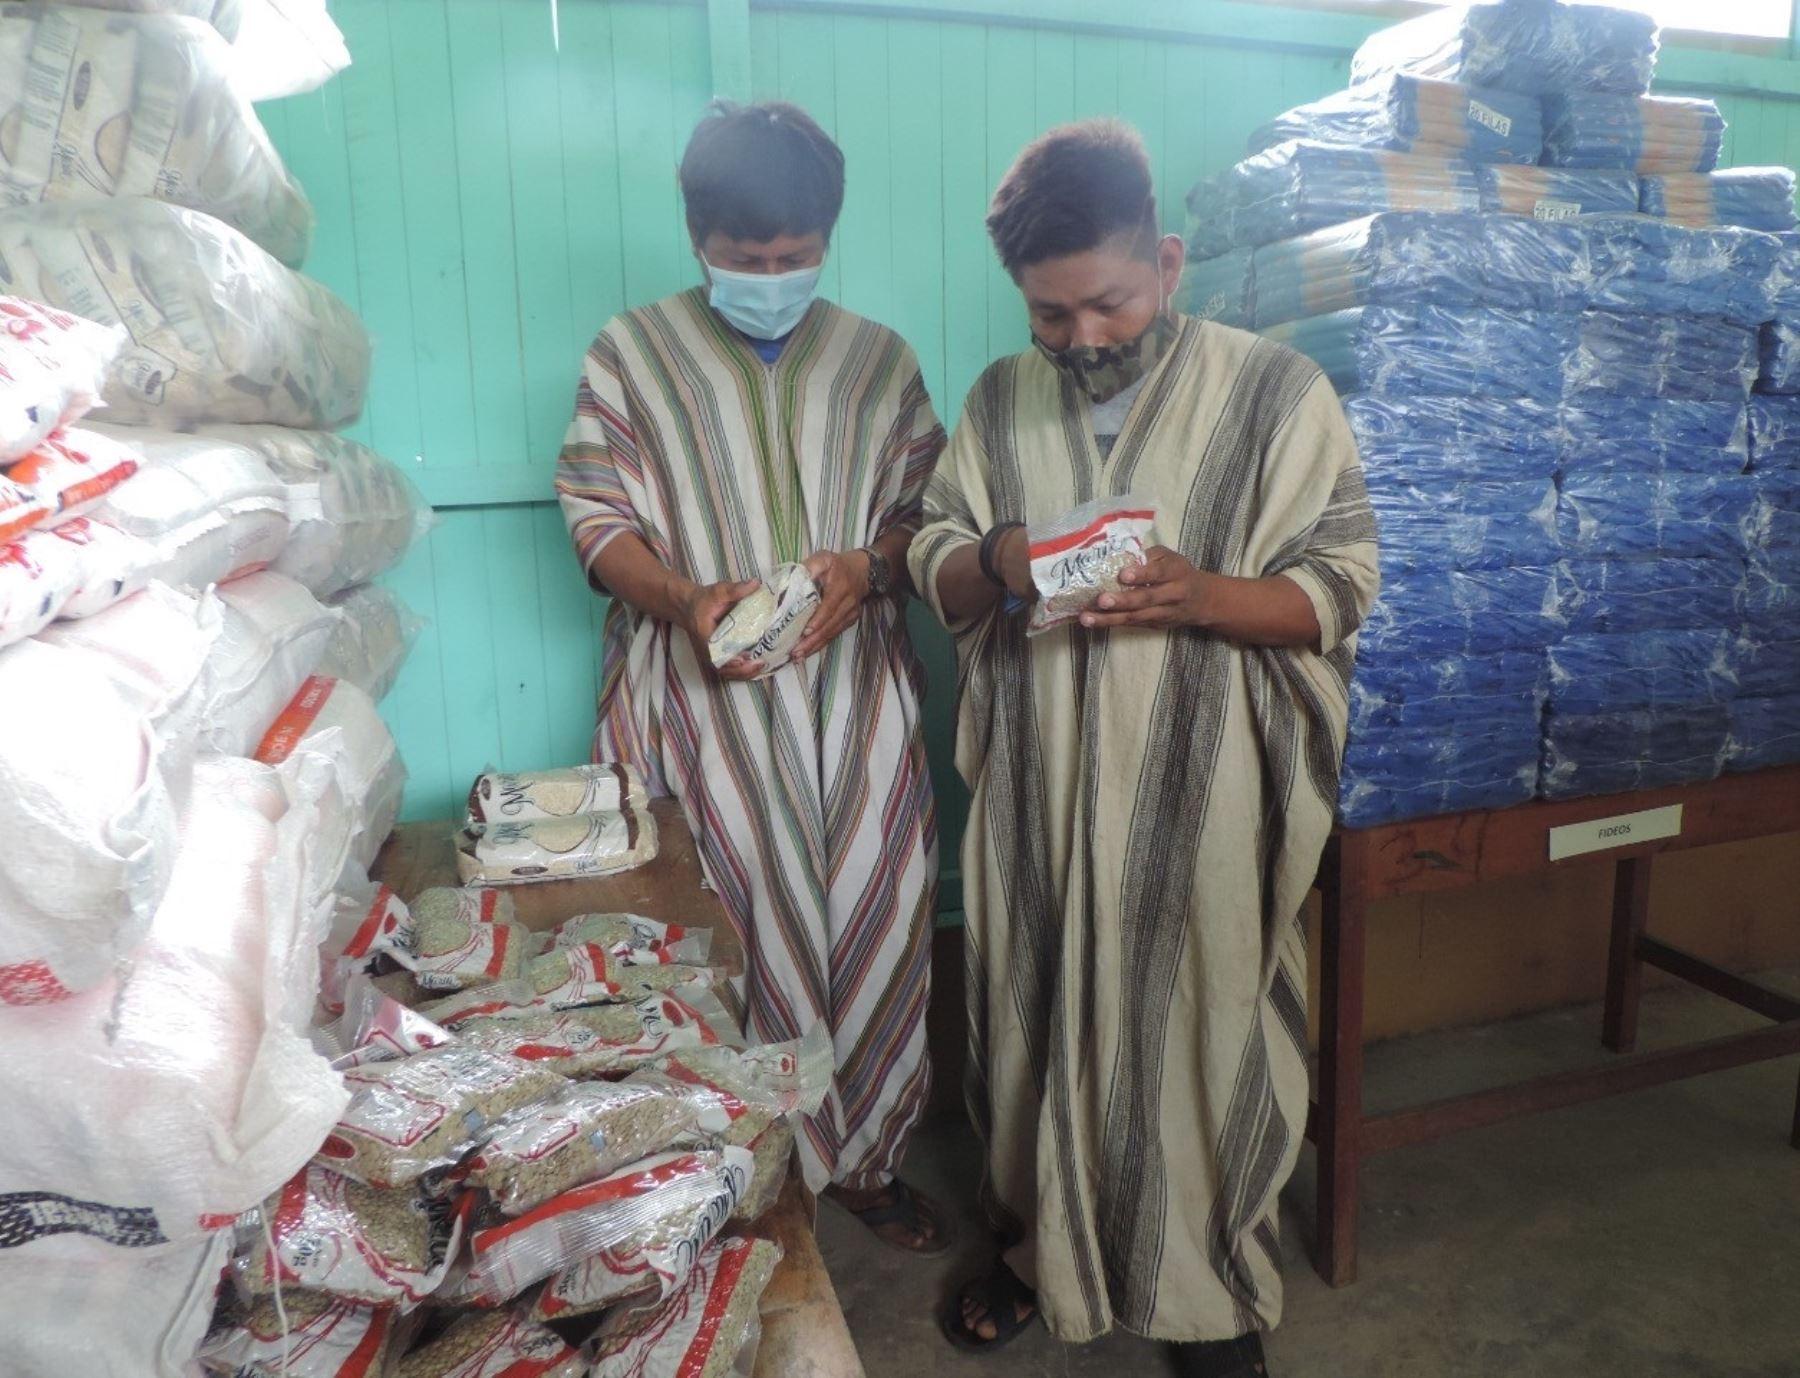 midis-coordina-acciones-para-que-intervencion-hambre-cero-llegue-a-poblaciones-vulnerables